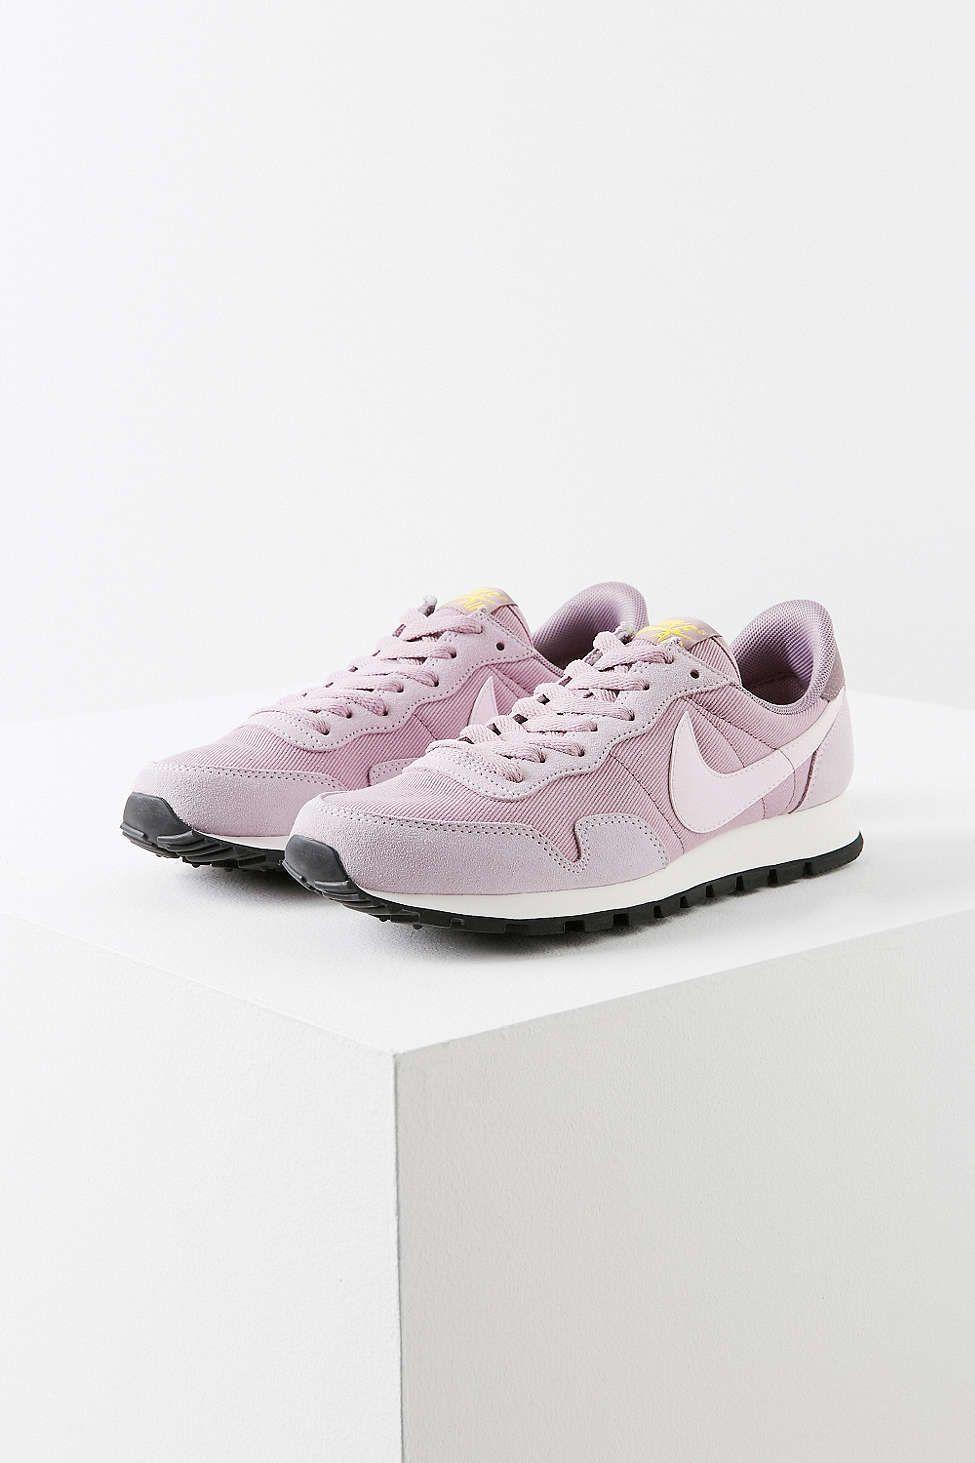 reputable site d9772 2593c Nike Air Pegasus 83 Pastel Sneaker